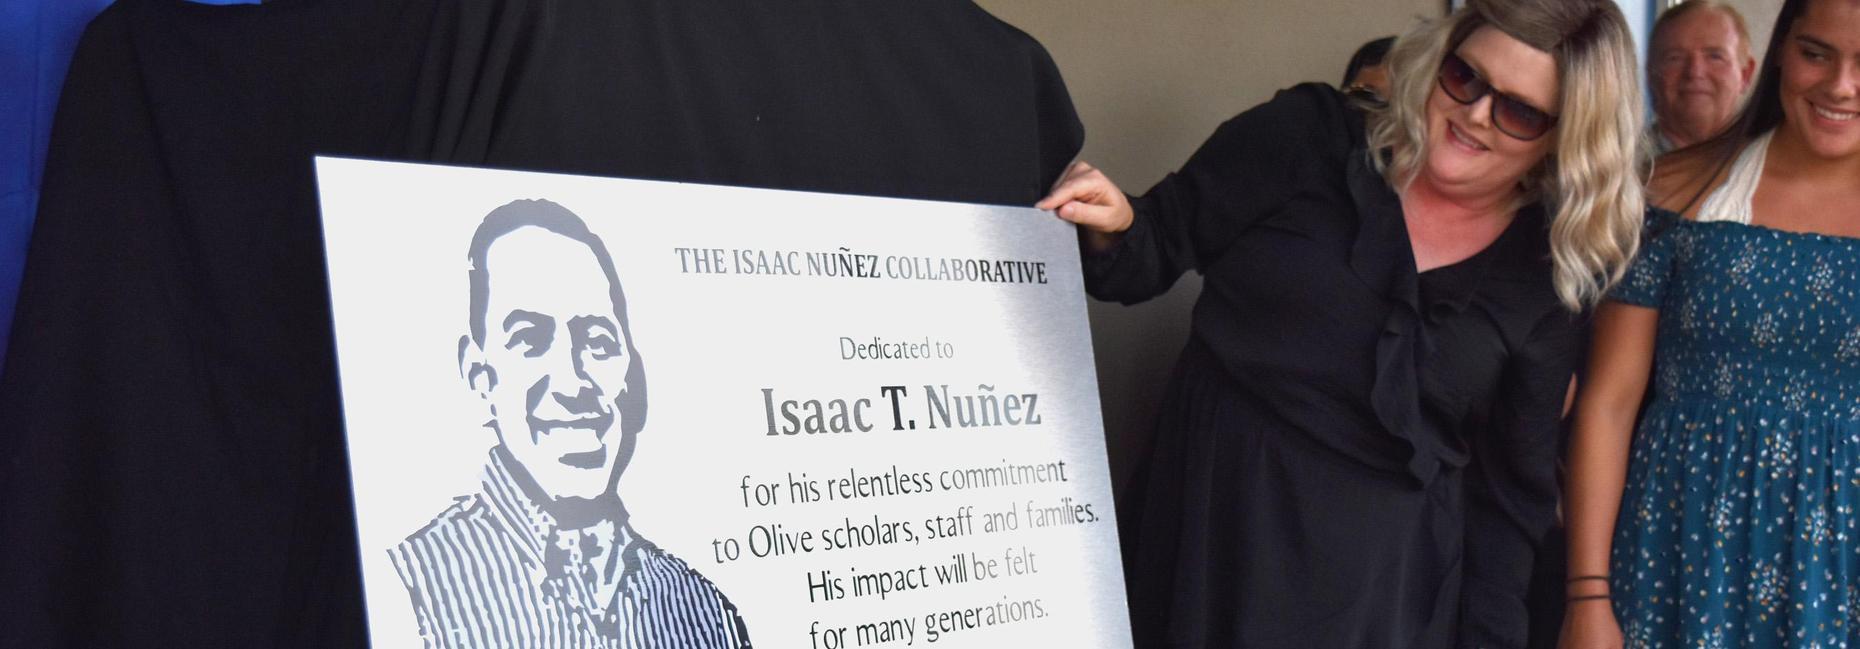 Isaac Nunez dedication